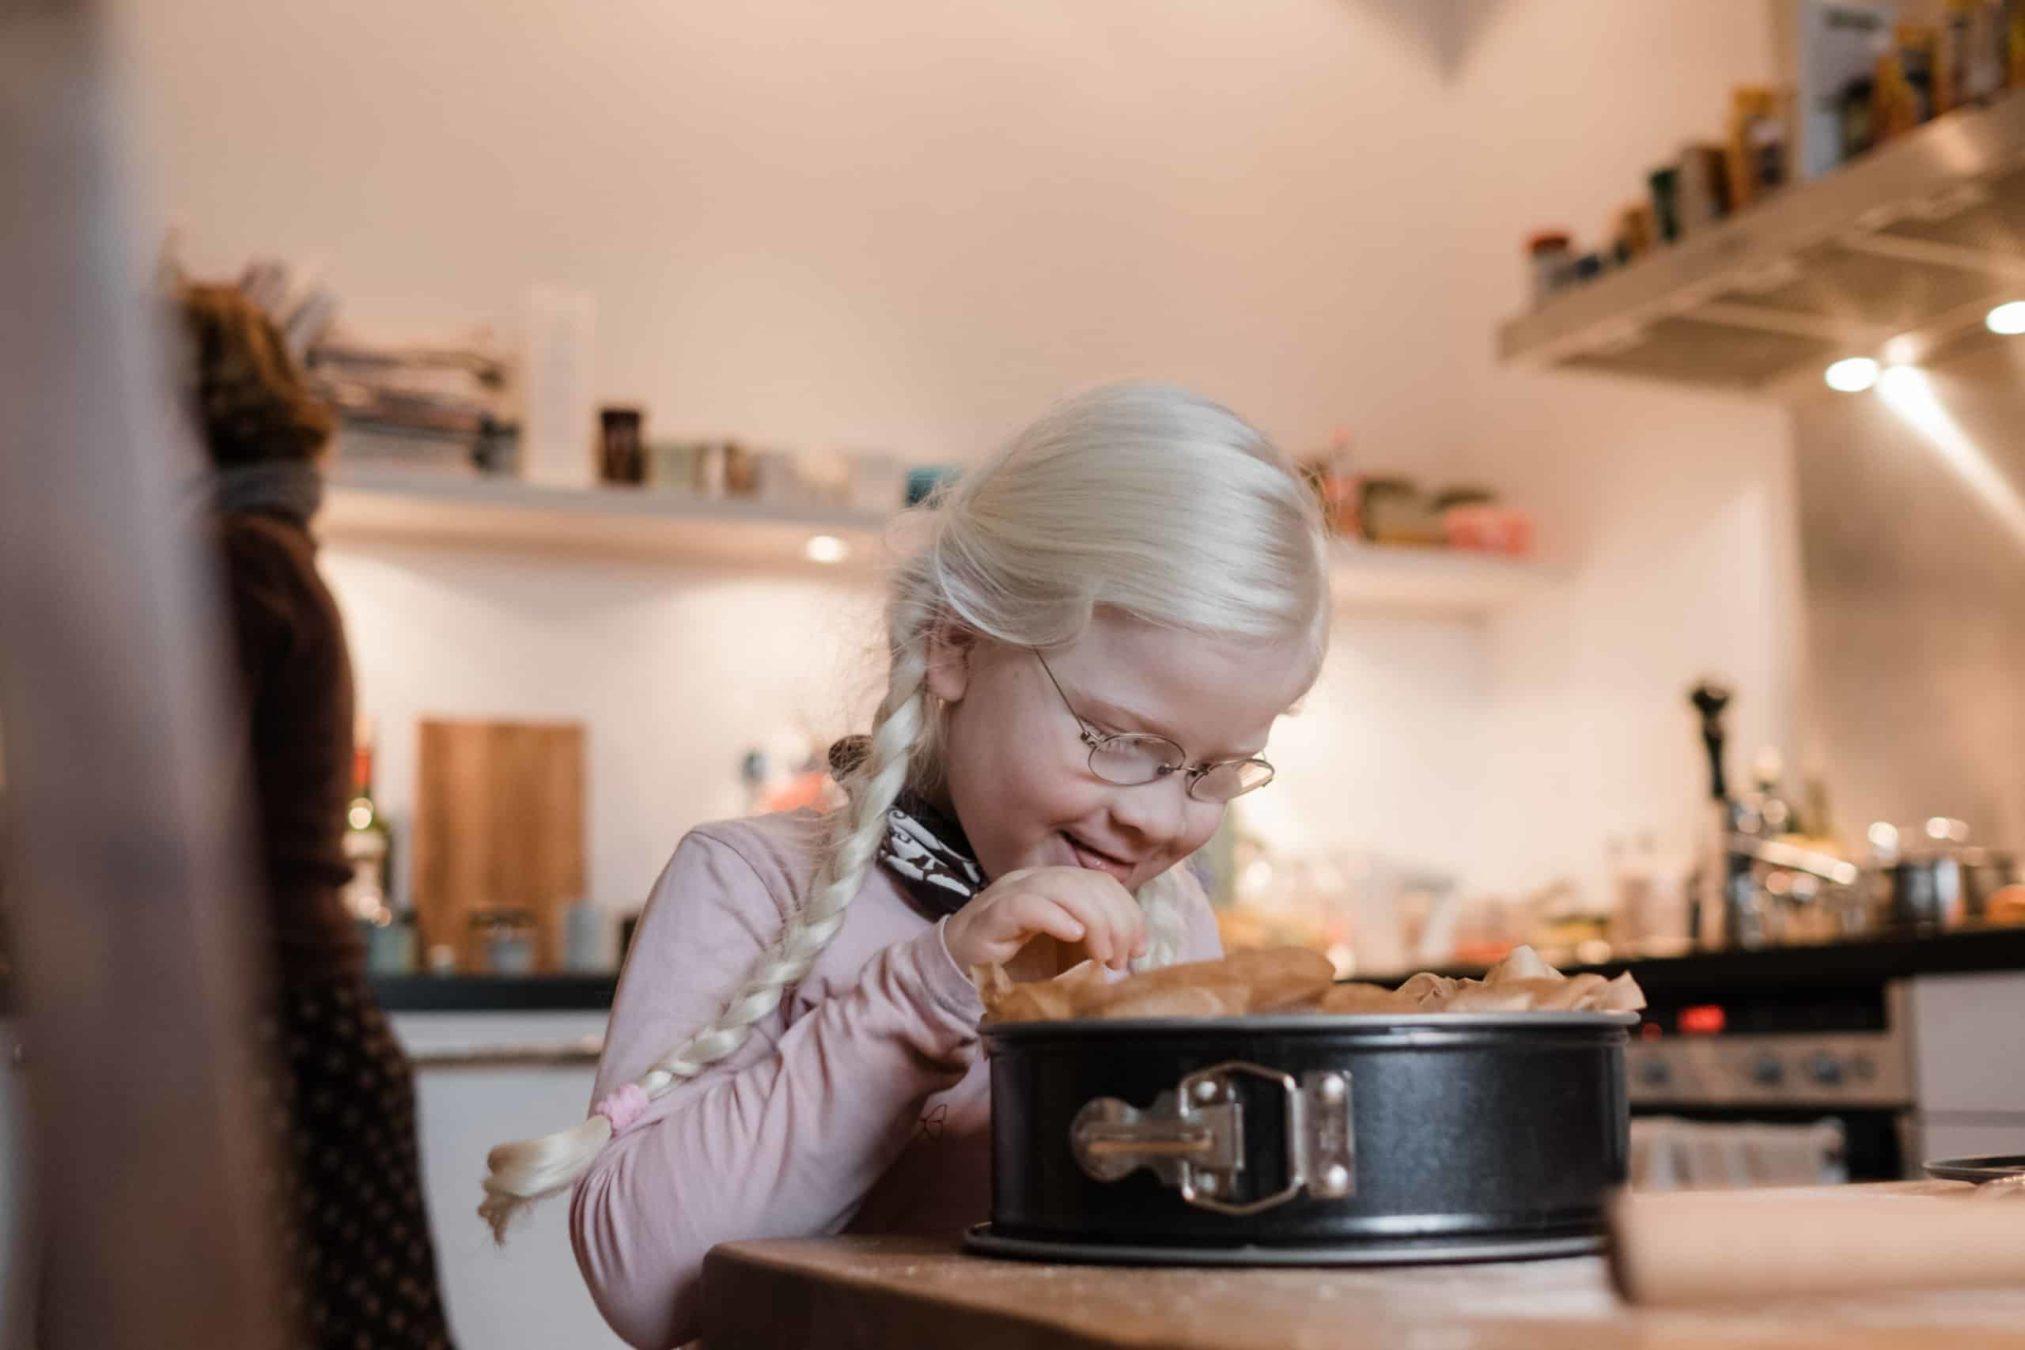 ein Mädchen steht an einem großen Küchentisch, sie schaut in eine Springform, die mit Backpapier ausgelegt ist, sie hat 2 Zöpfe und eine Brille, sie grinst, ihre Hand hält sie in die Springform